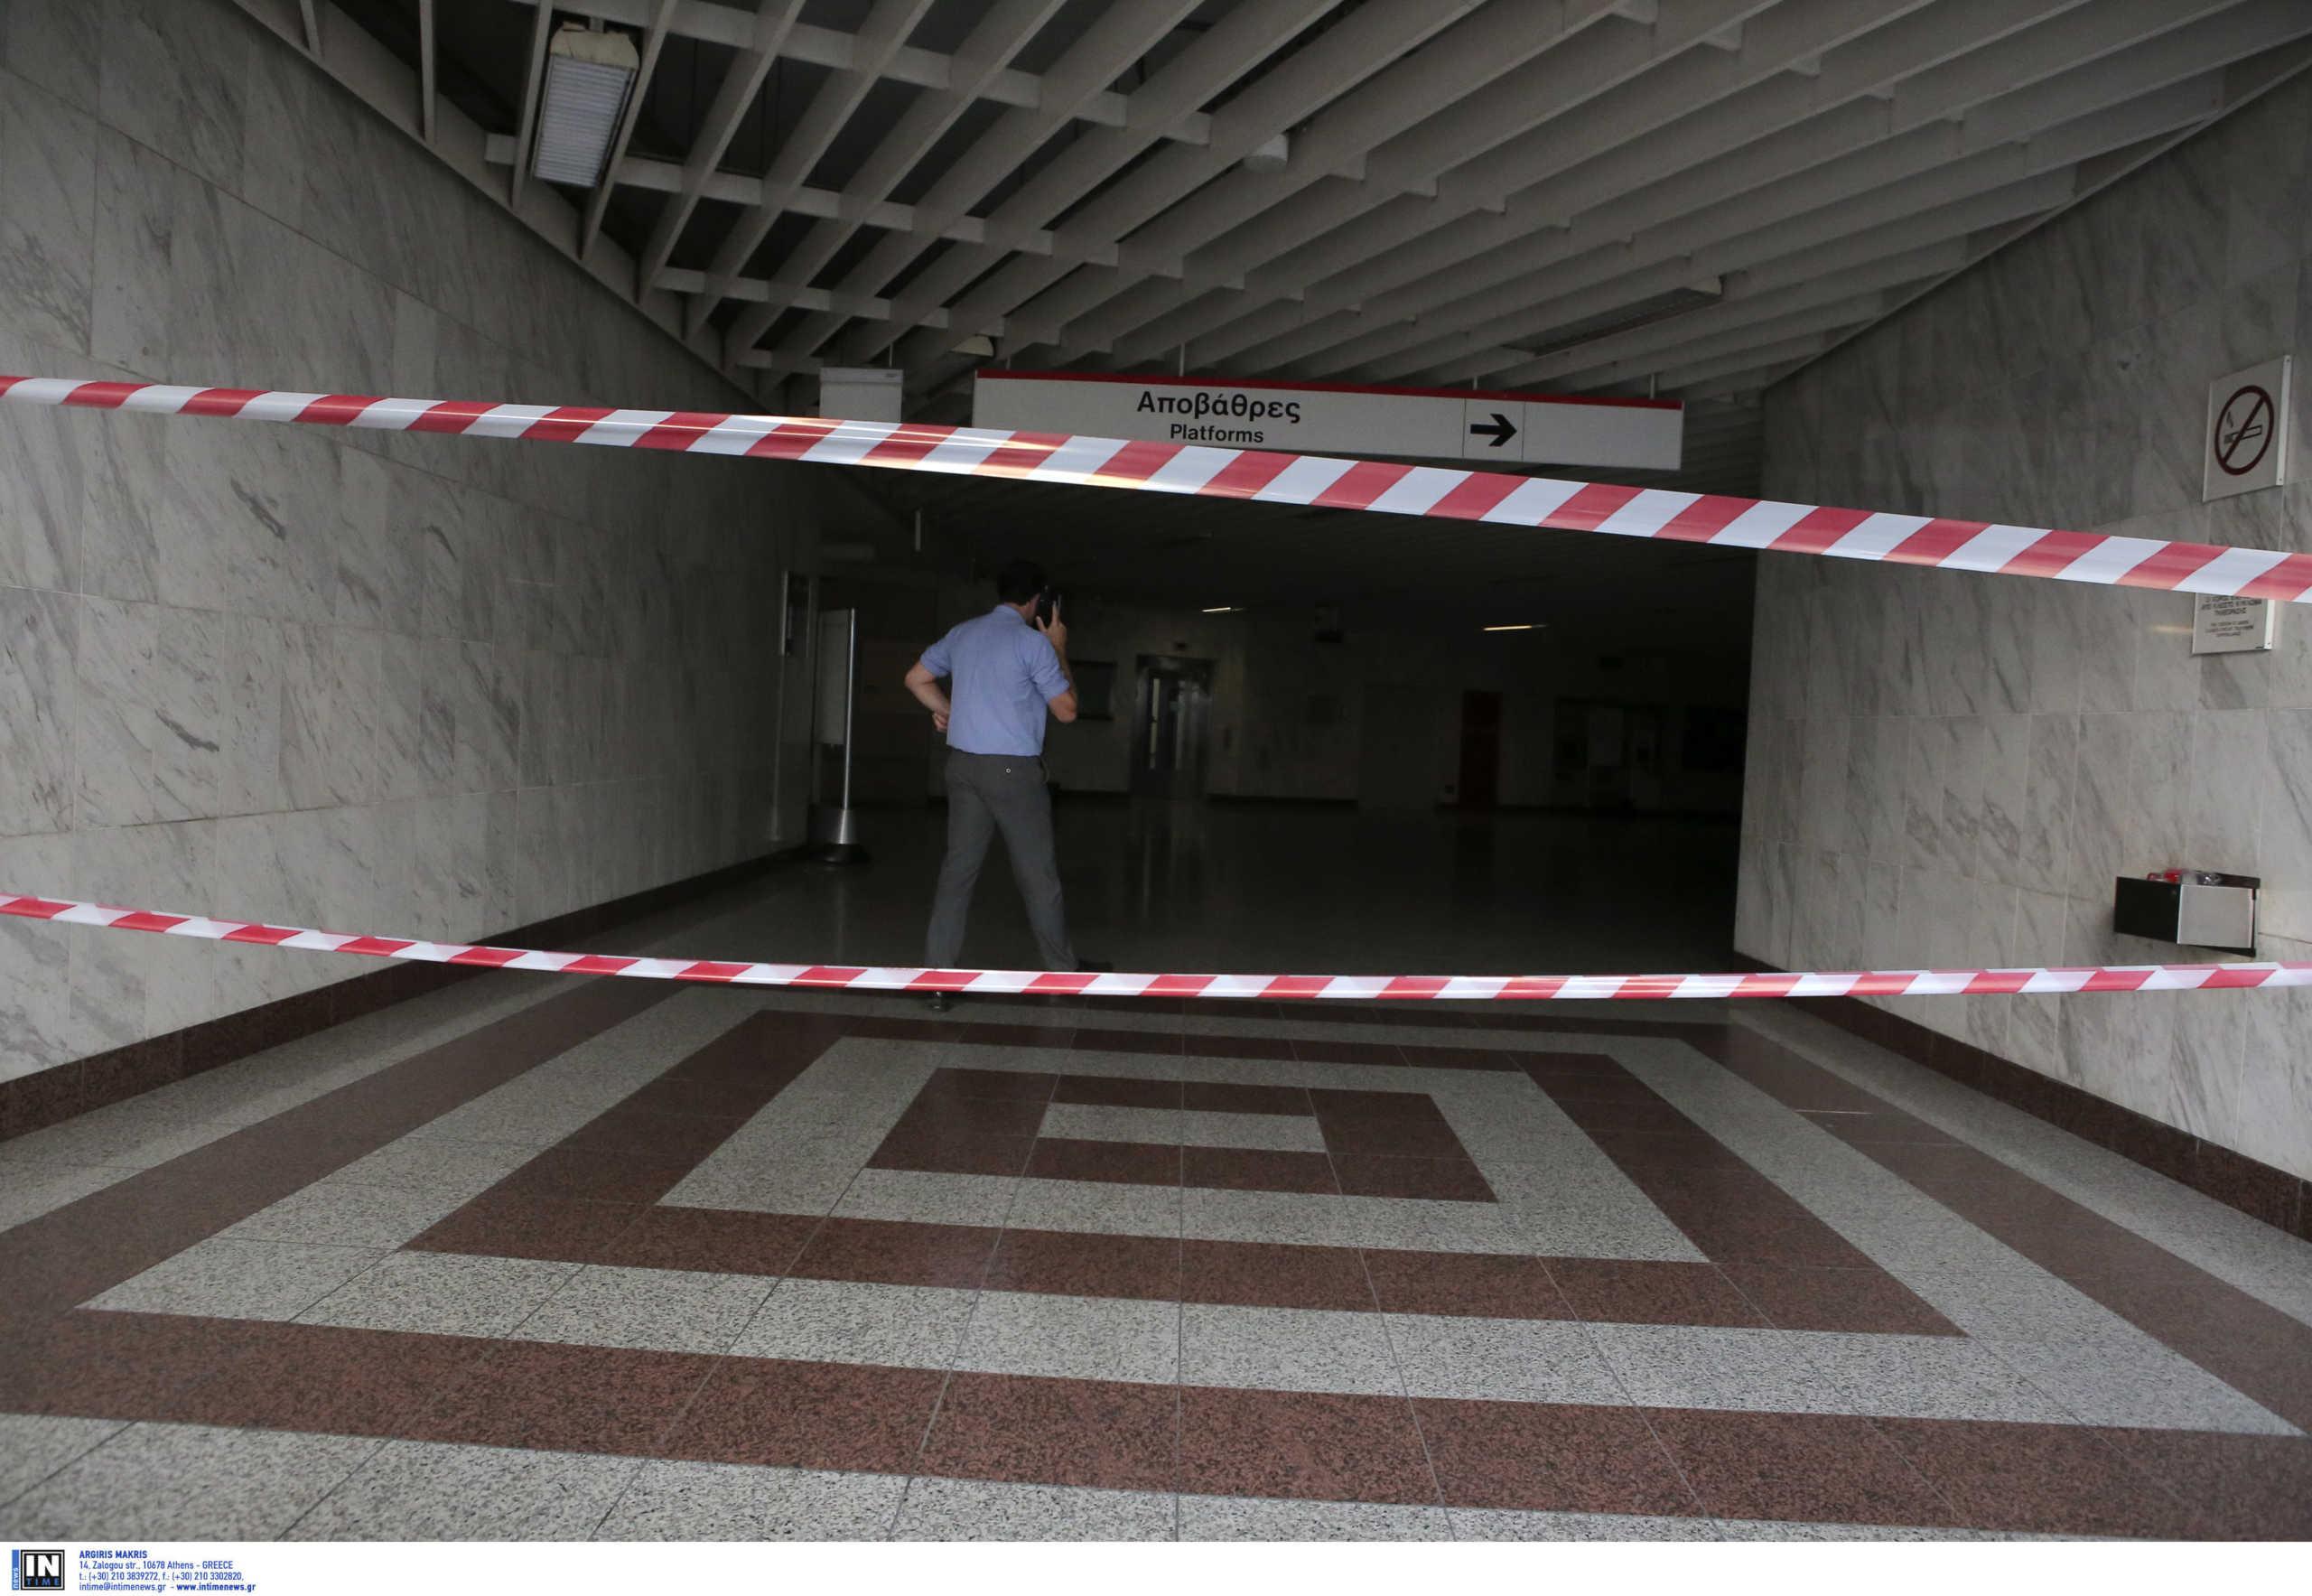 Πολυτεχνείο: Κλείνουν σταθμοί του Μετρό αύριο στις 12.00 – Τροποποιήσεις σε δρομολόγια των τρόλεϊ